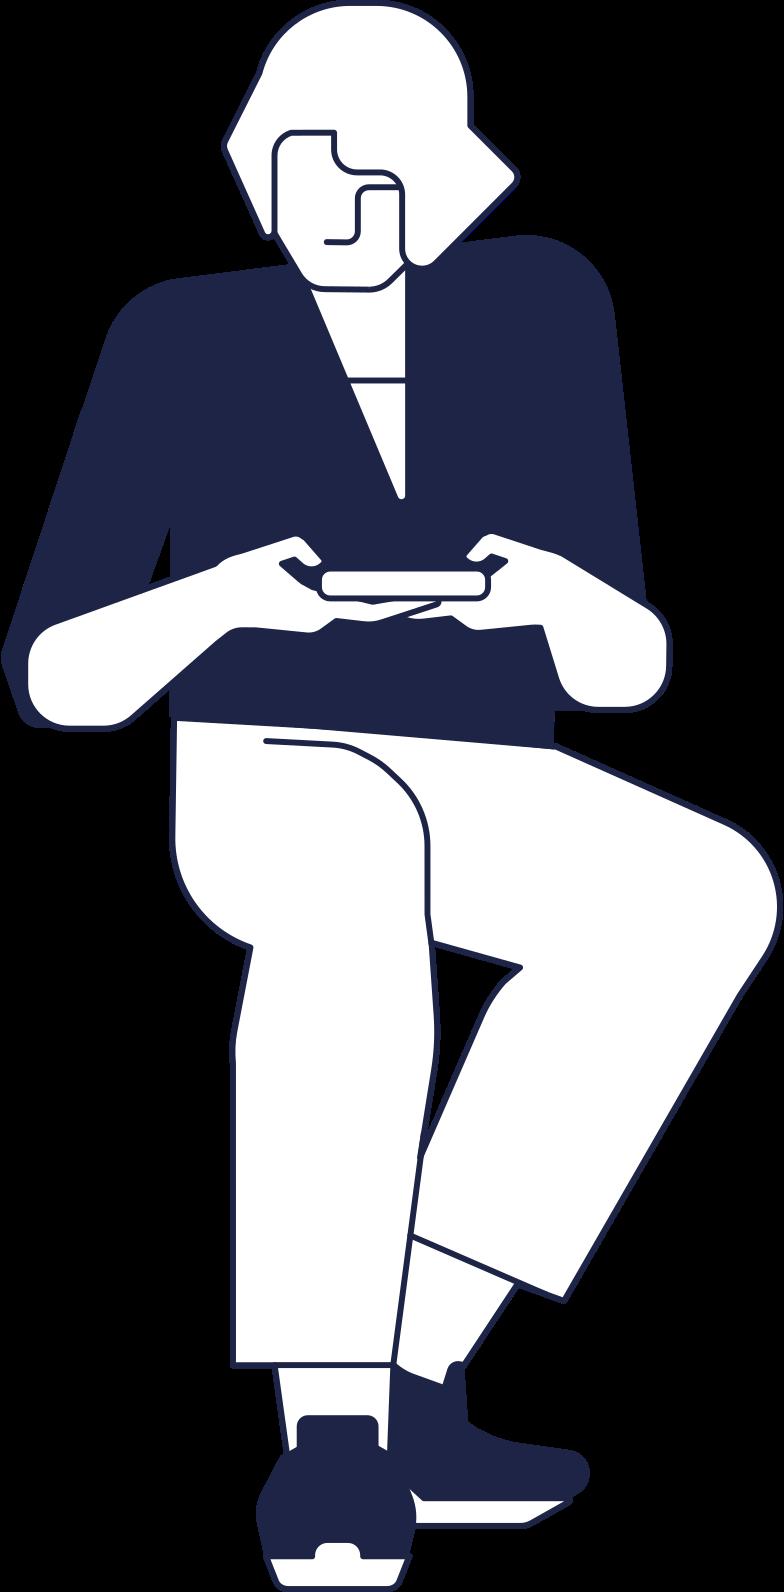 Клипарт Ожидающий человек 2 линия в PNG и SVG